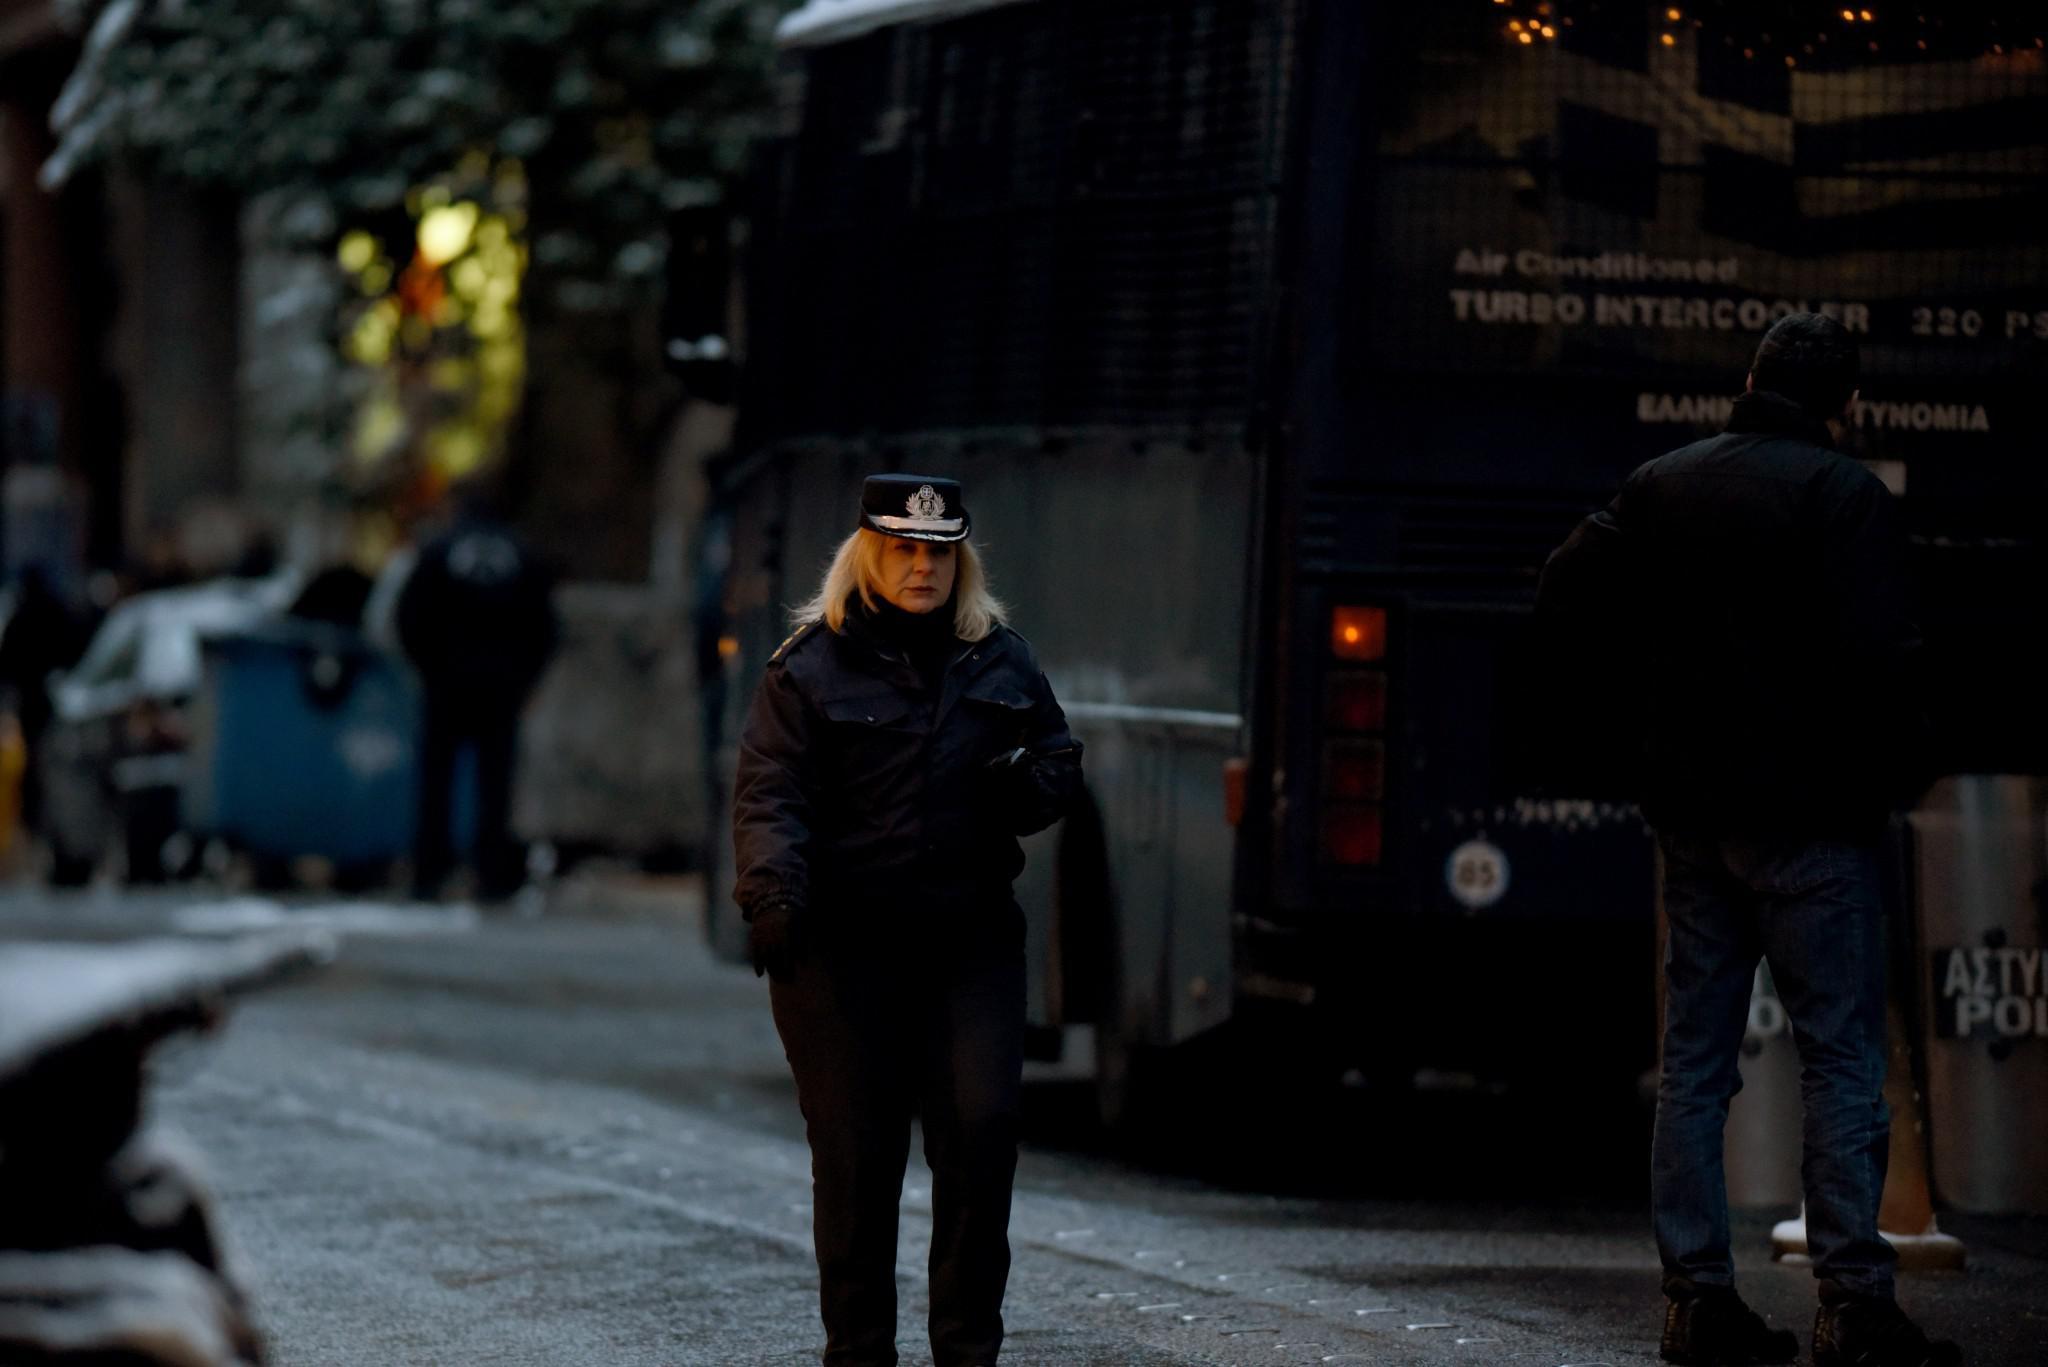 purovolismoi-grafeia-pasok-mat-traumatias-5 Πώς η «Επαναστατική Αυτοάμυνα» τραυμάτισε αστυνομικό έξω από τα γραφεία του ΠΑΣΟΚ